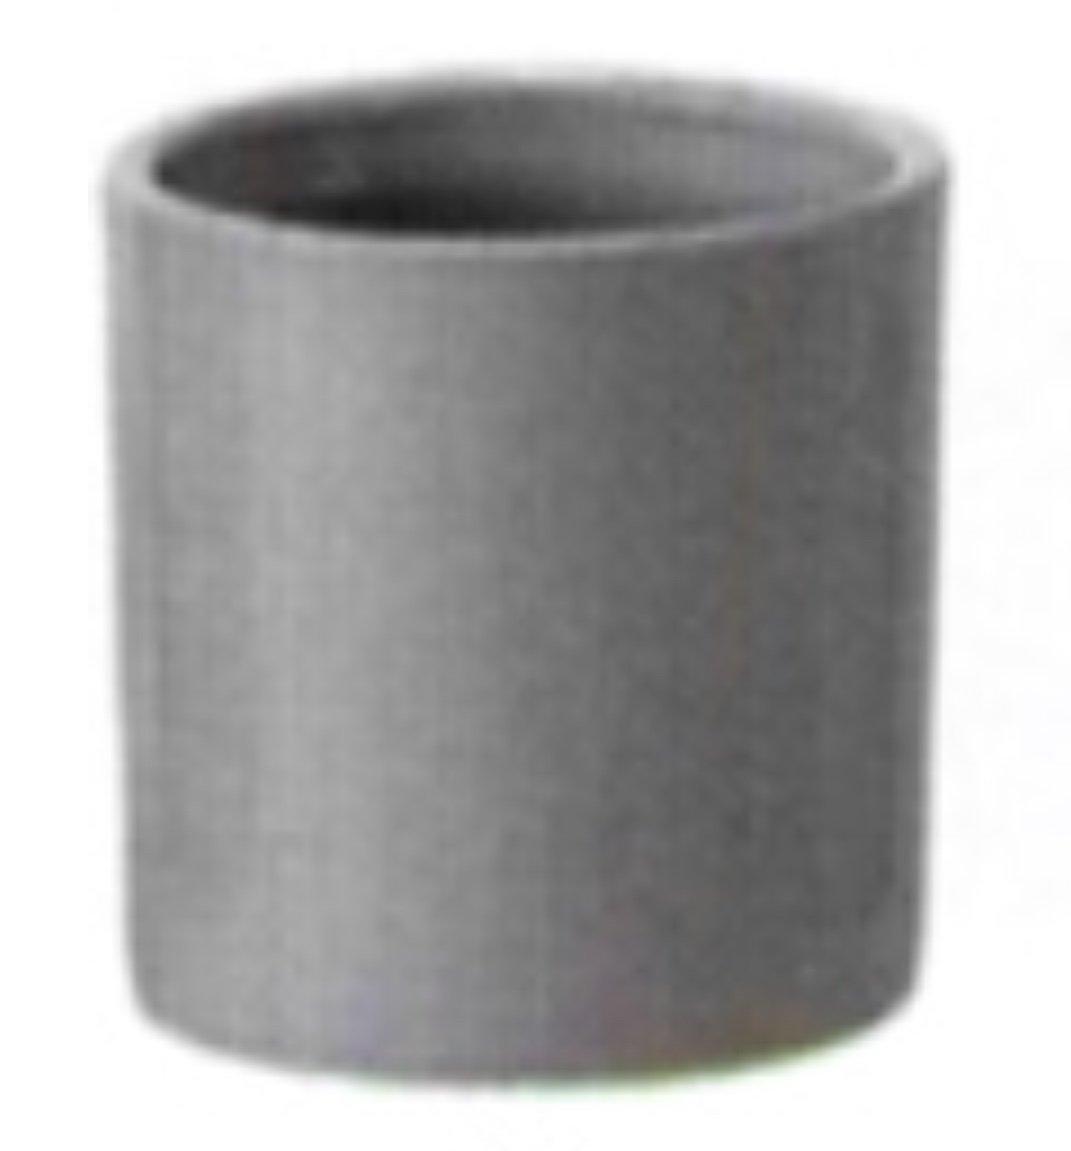 アドミナ 鉢カバー 10号用39cm グレー【グランプリ G-1】 陶器 信楽焼き 穴なし おしゃれ B079YTGM2J 10号|グレー